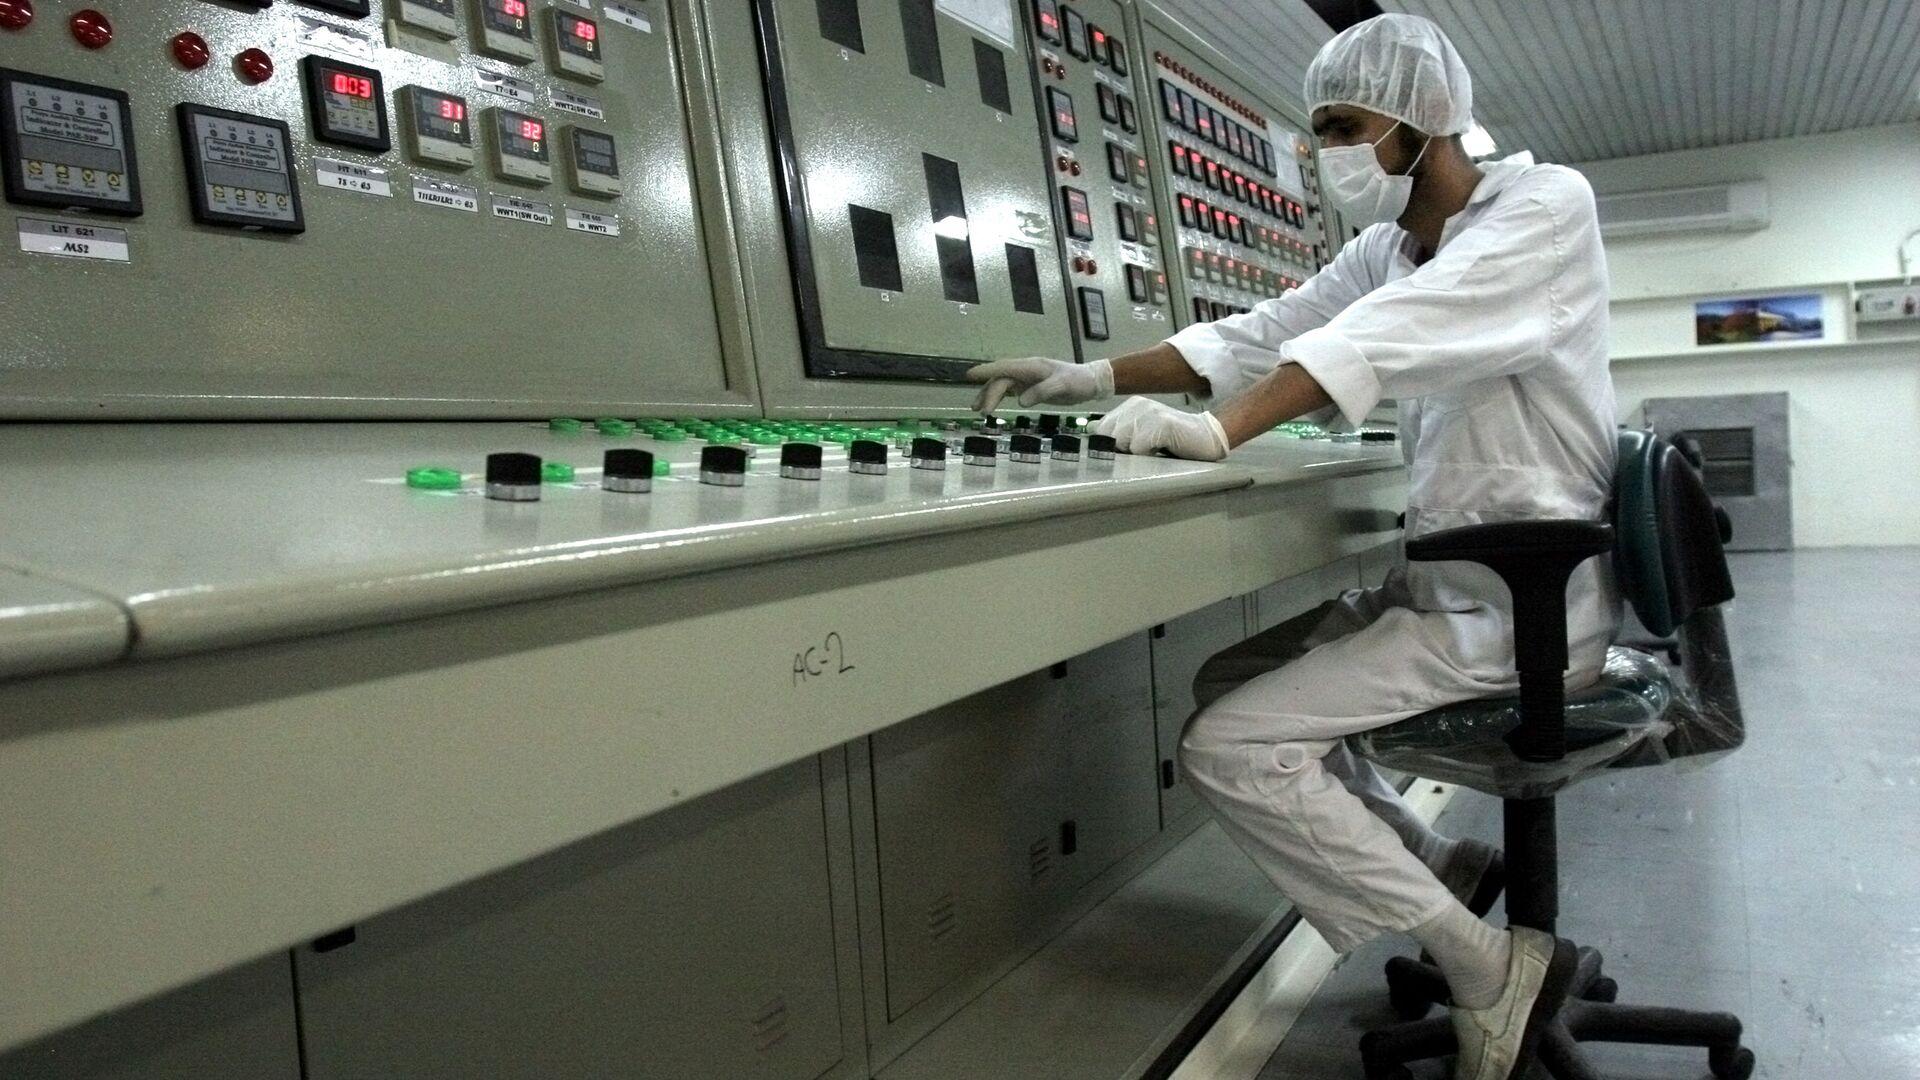 Técnico en una planta nuclear en Irán (archivo) - Sputnik Mundo, 1920, 11.04.2021